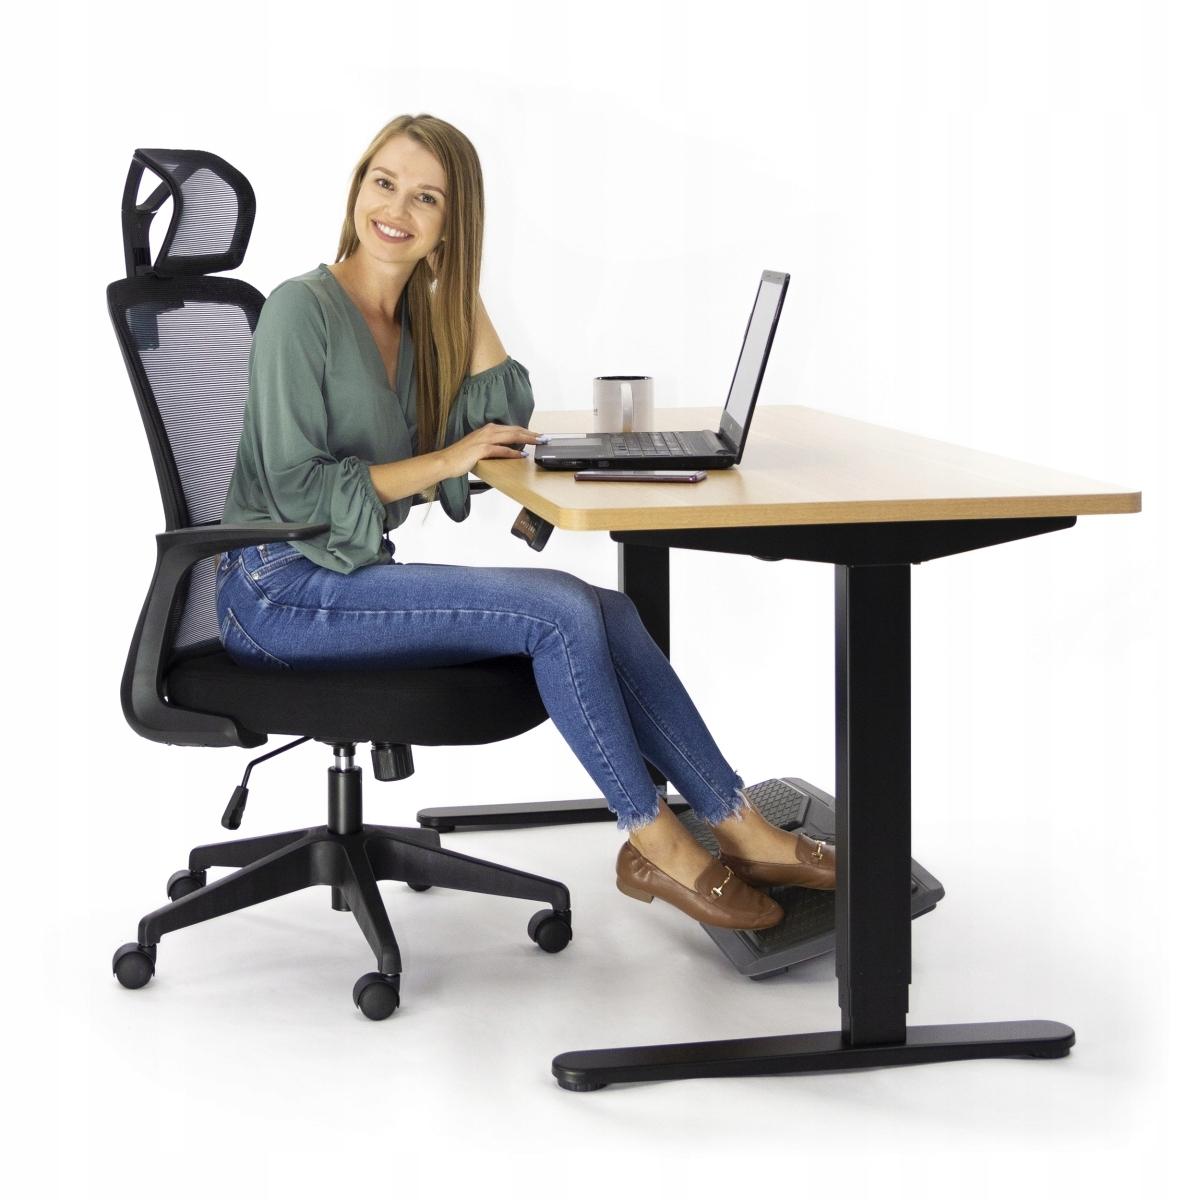 Ергономічний офісний стілець Поворотний стілець AMO-90 Висота меблів 126 см